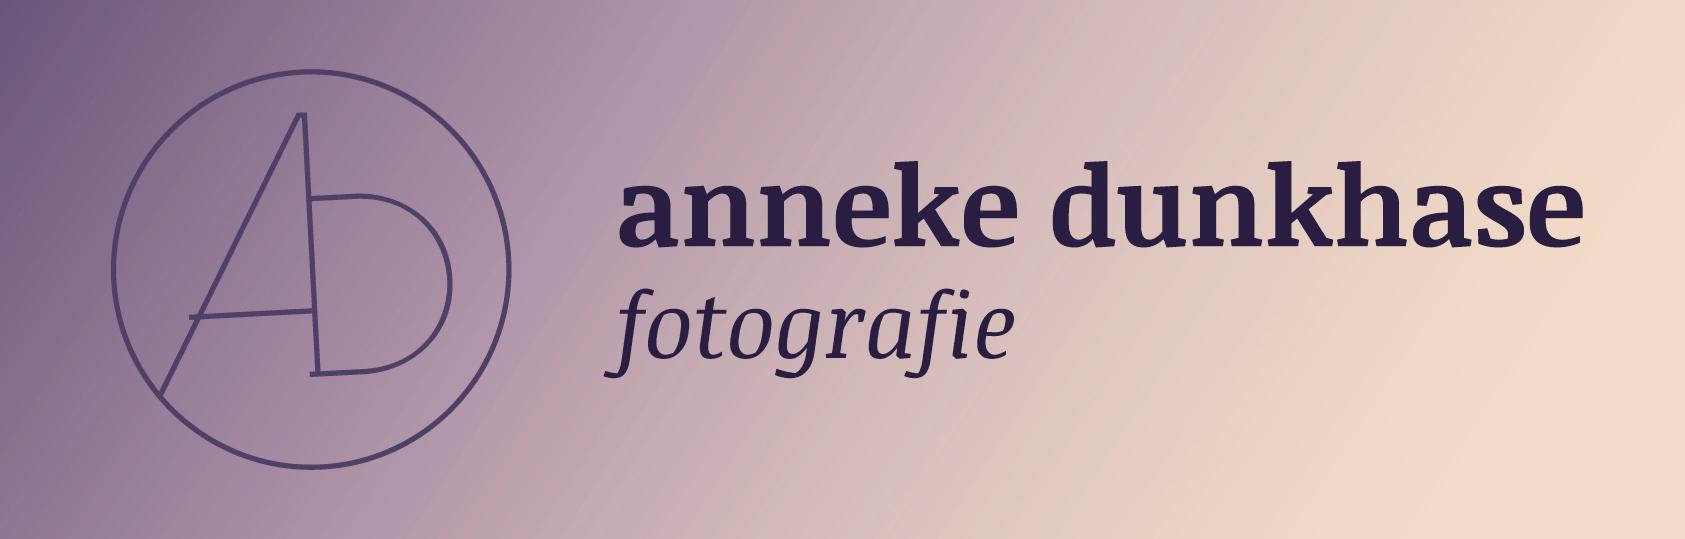 Unternehmertreffen Nordwest Logo Anneke Dunkhase Fotografie